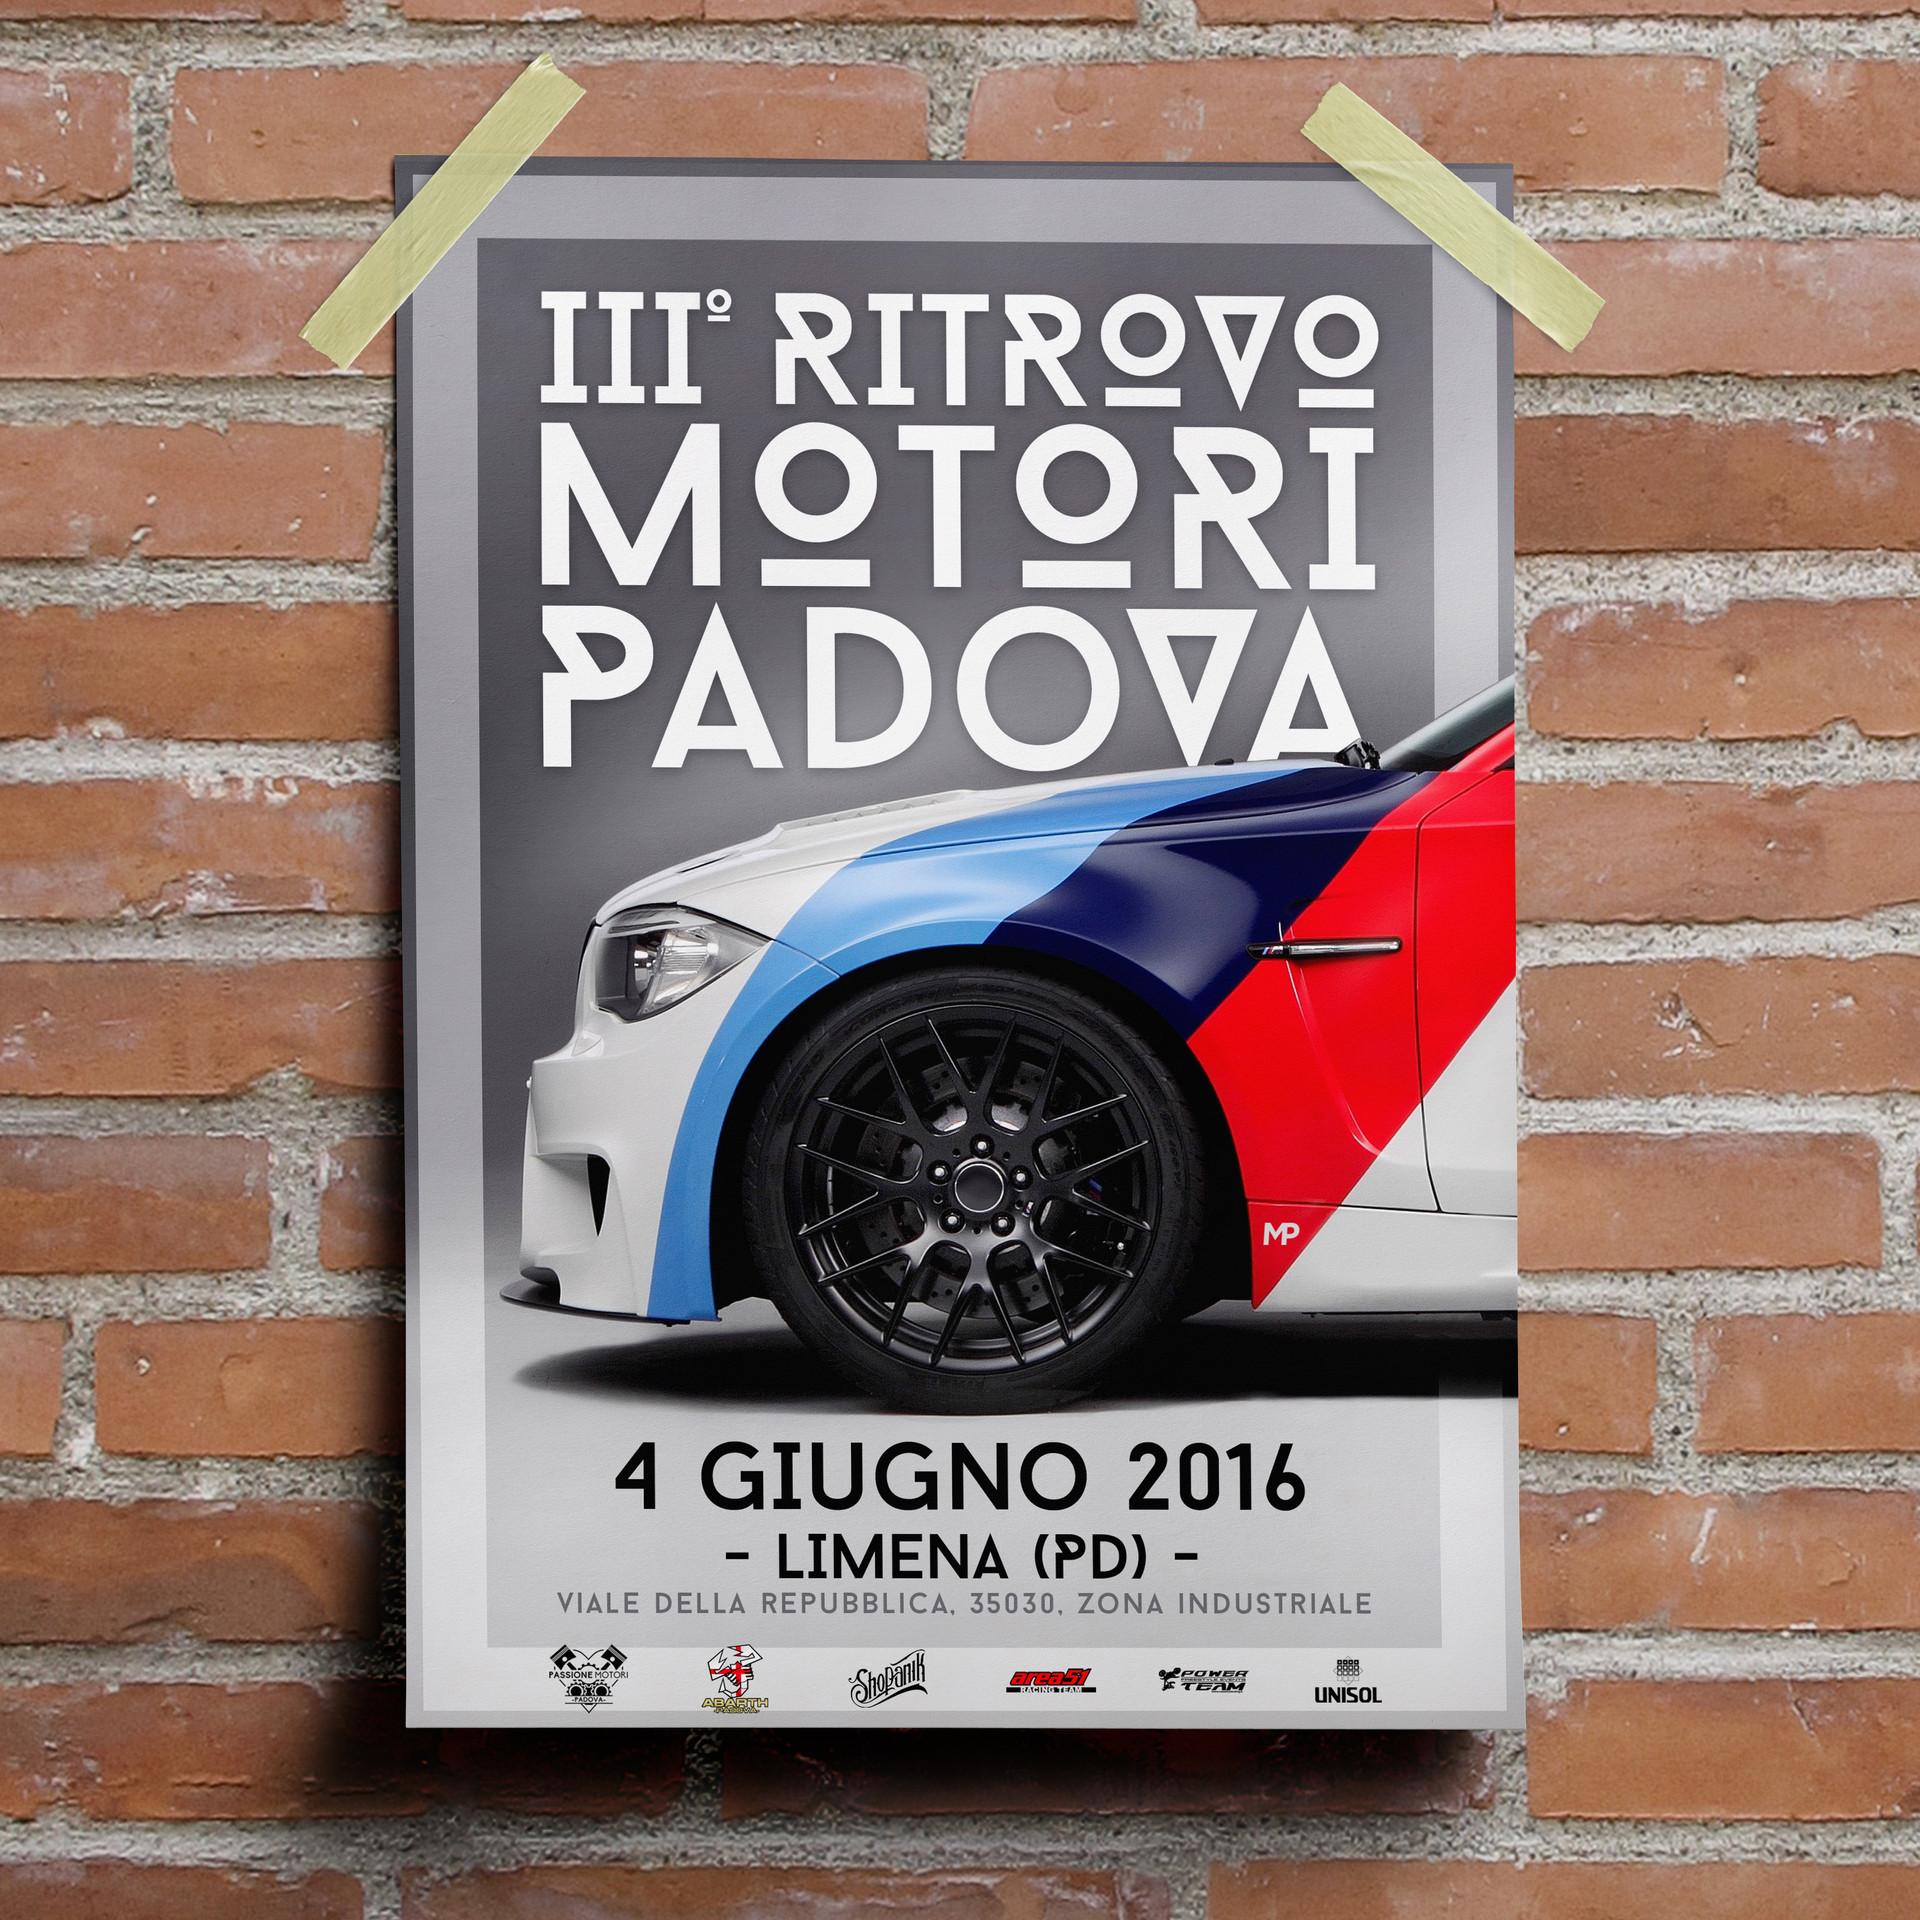 III Ritrovo Motori Padova Poster - MP Grafica